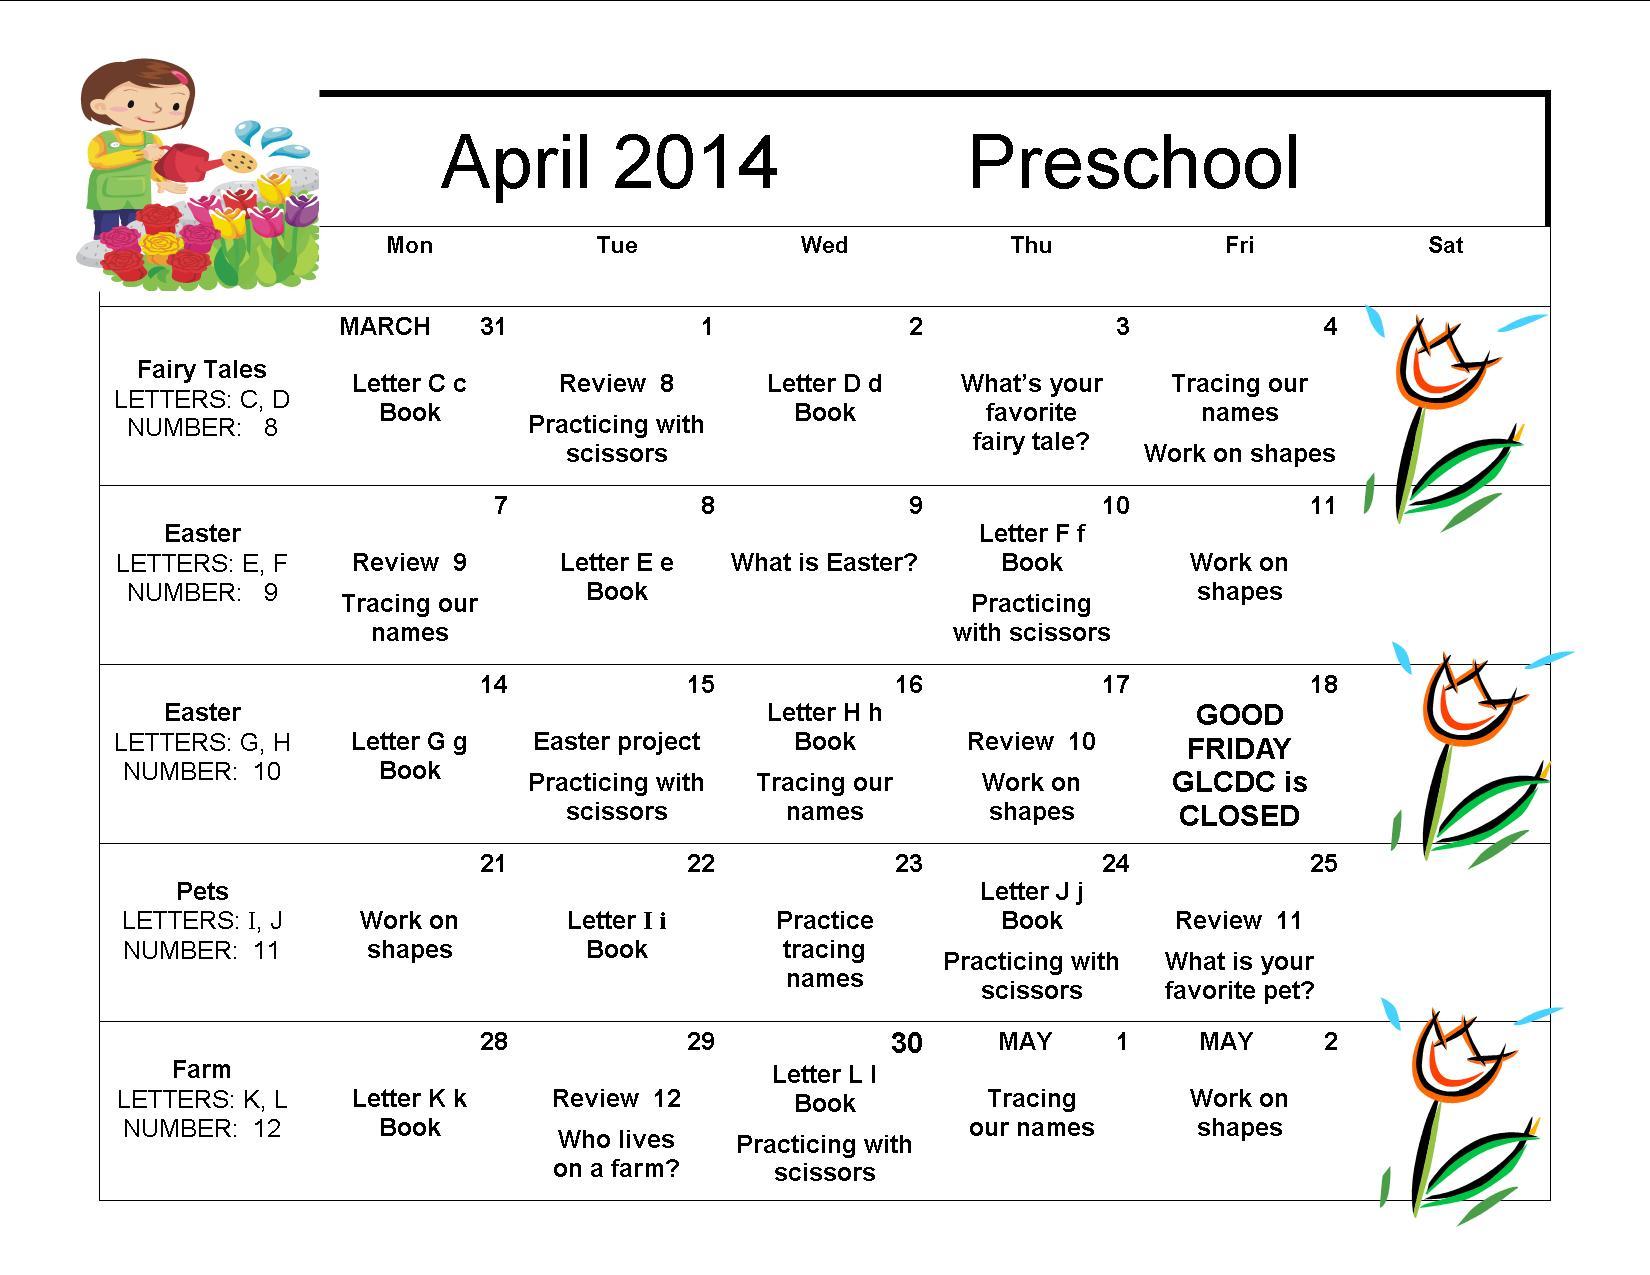 April 2014 Preschool